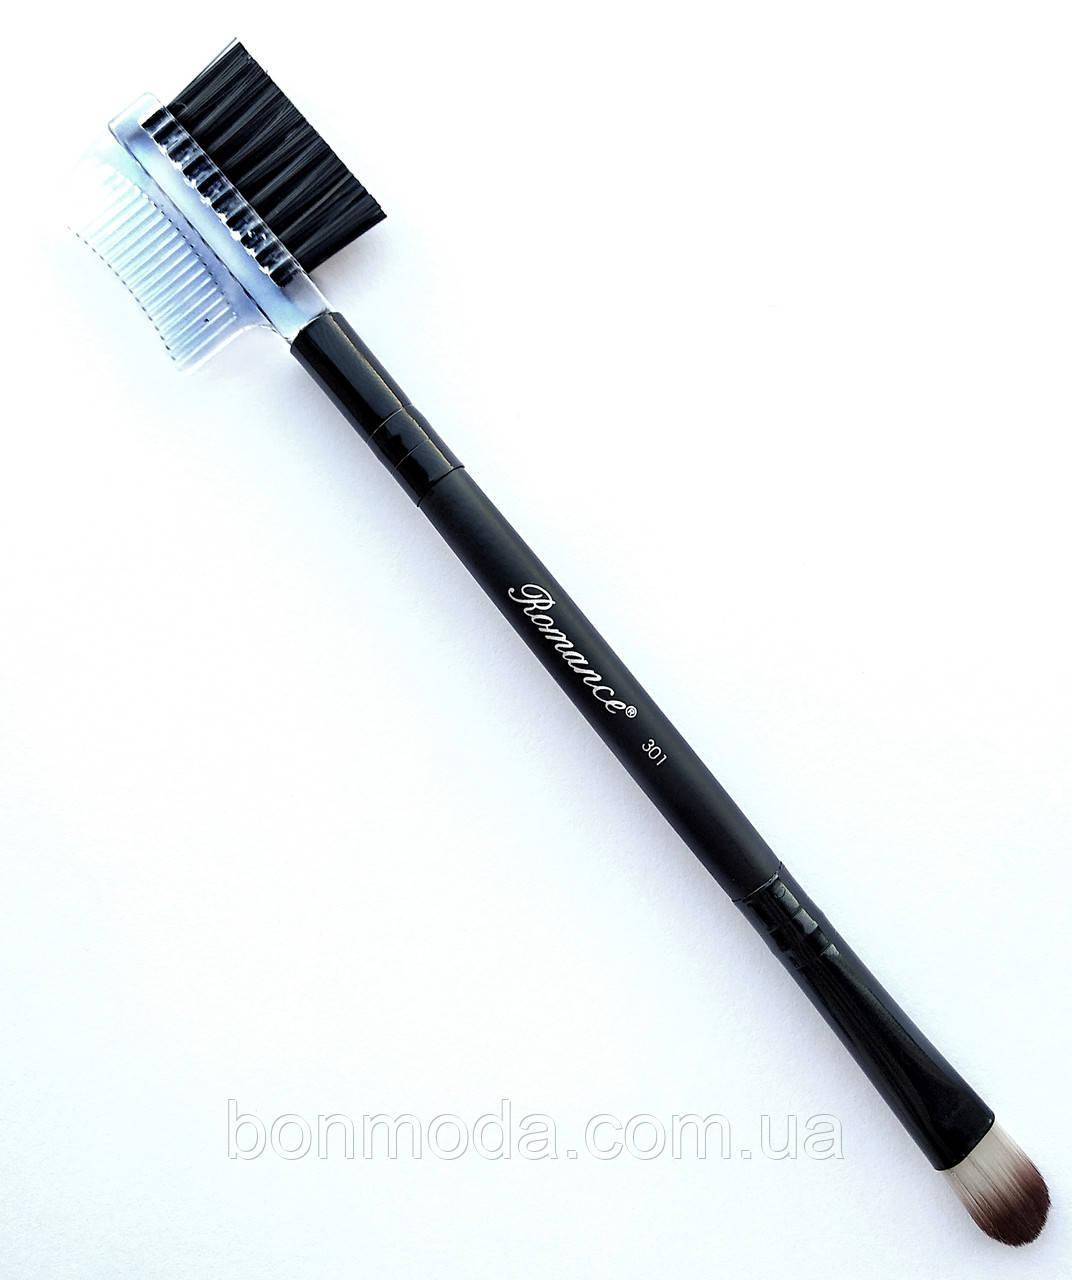 Расчёска-щётка для бровей и ресниц Romance 301